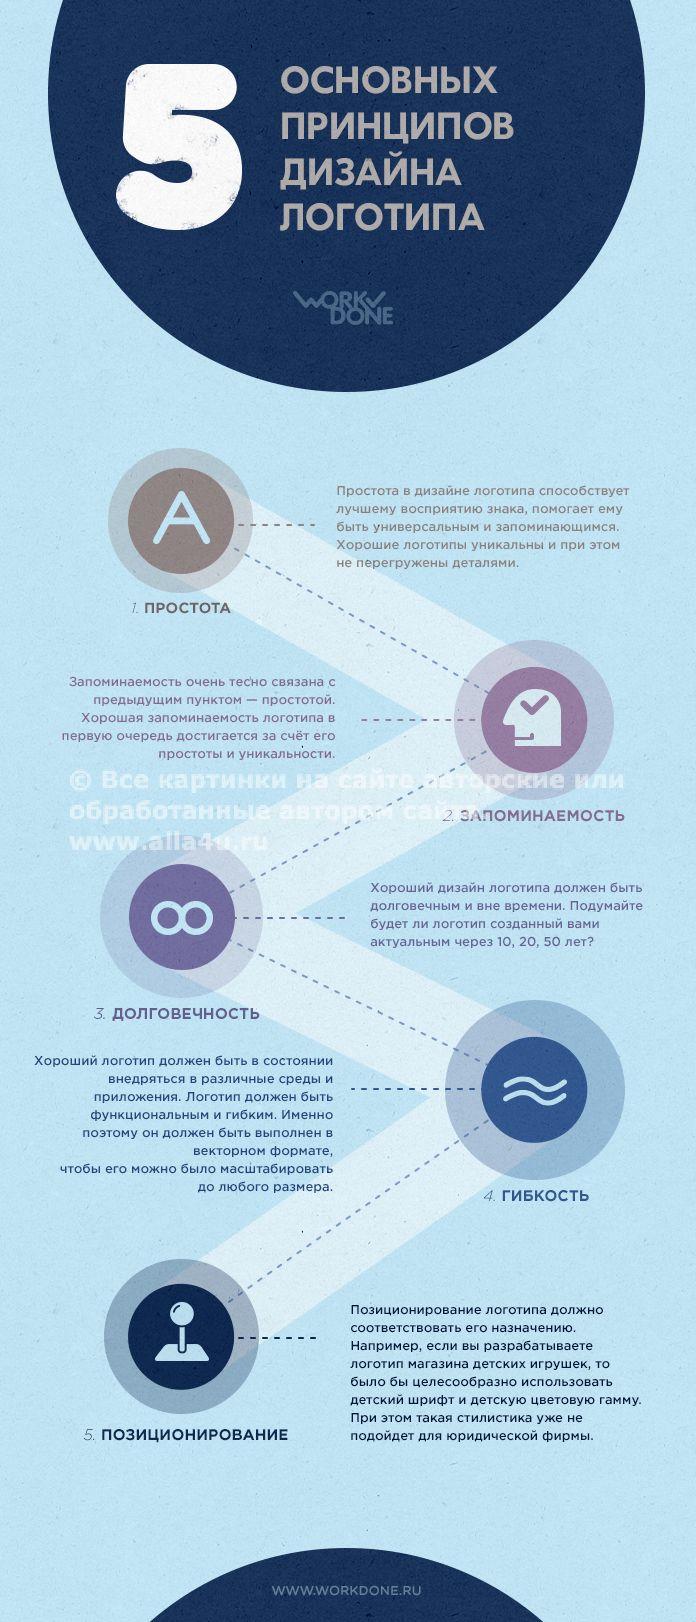 Как нарисовать логотип. Рисуем логотип правильно. 5 принципов создания логотипа.   Творческий блог дизайнера!